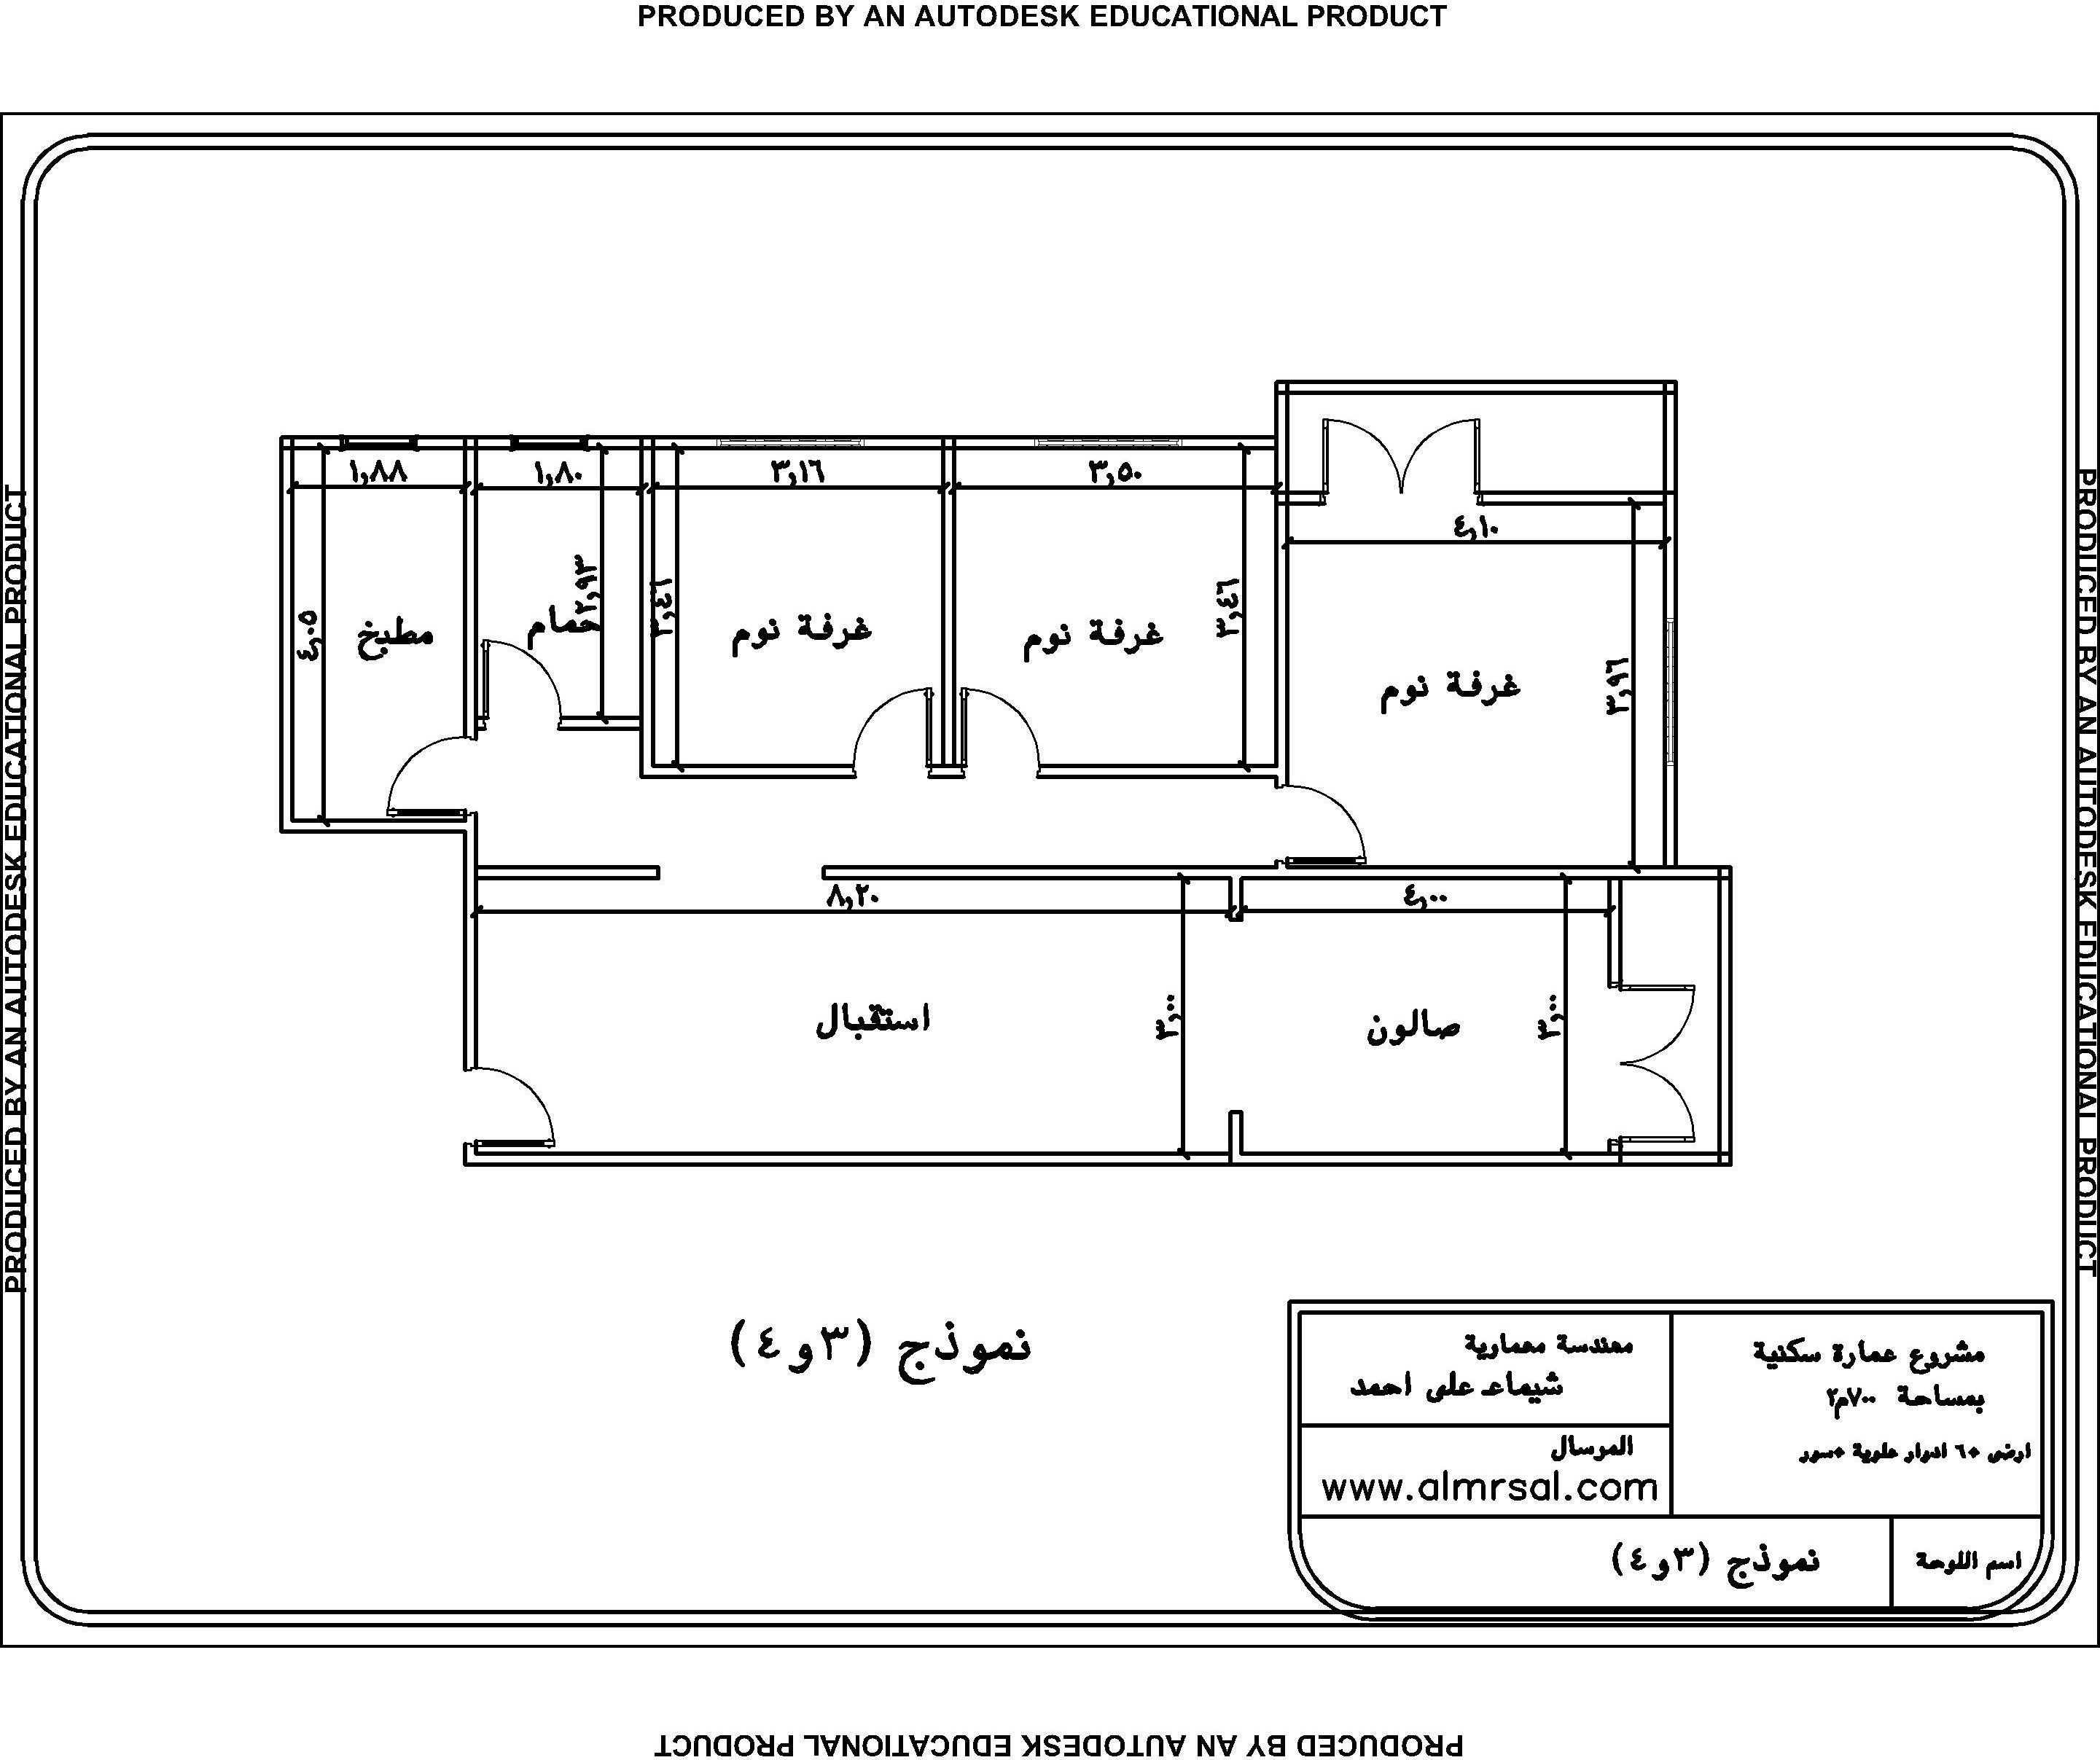 نموذج الشقق ( 3 و 4 ) لعمارة سكنية